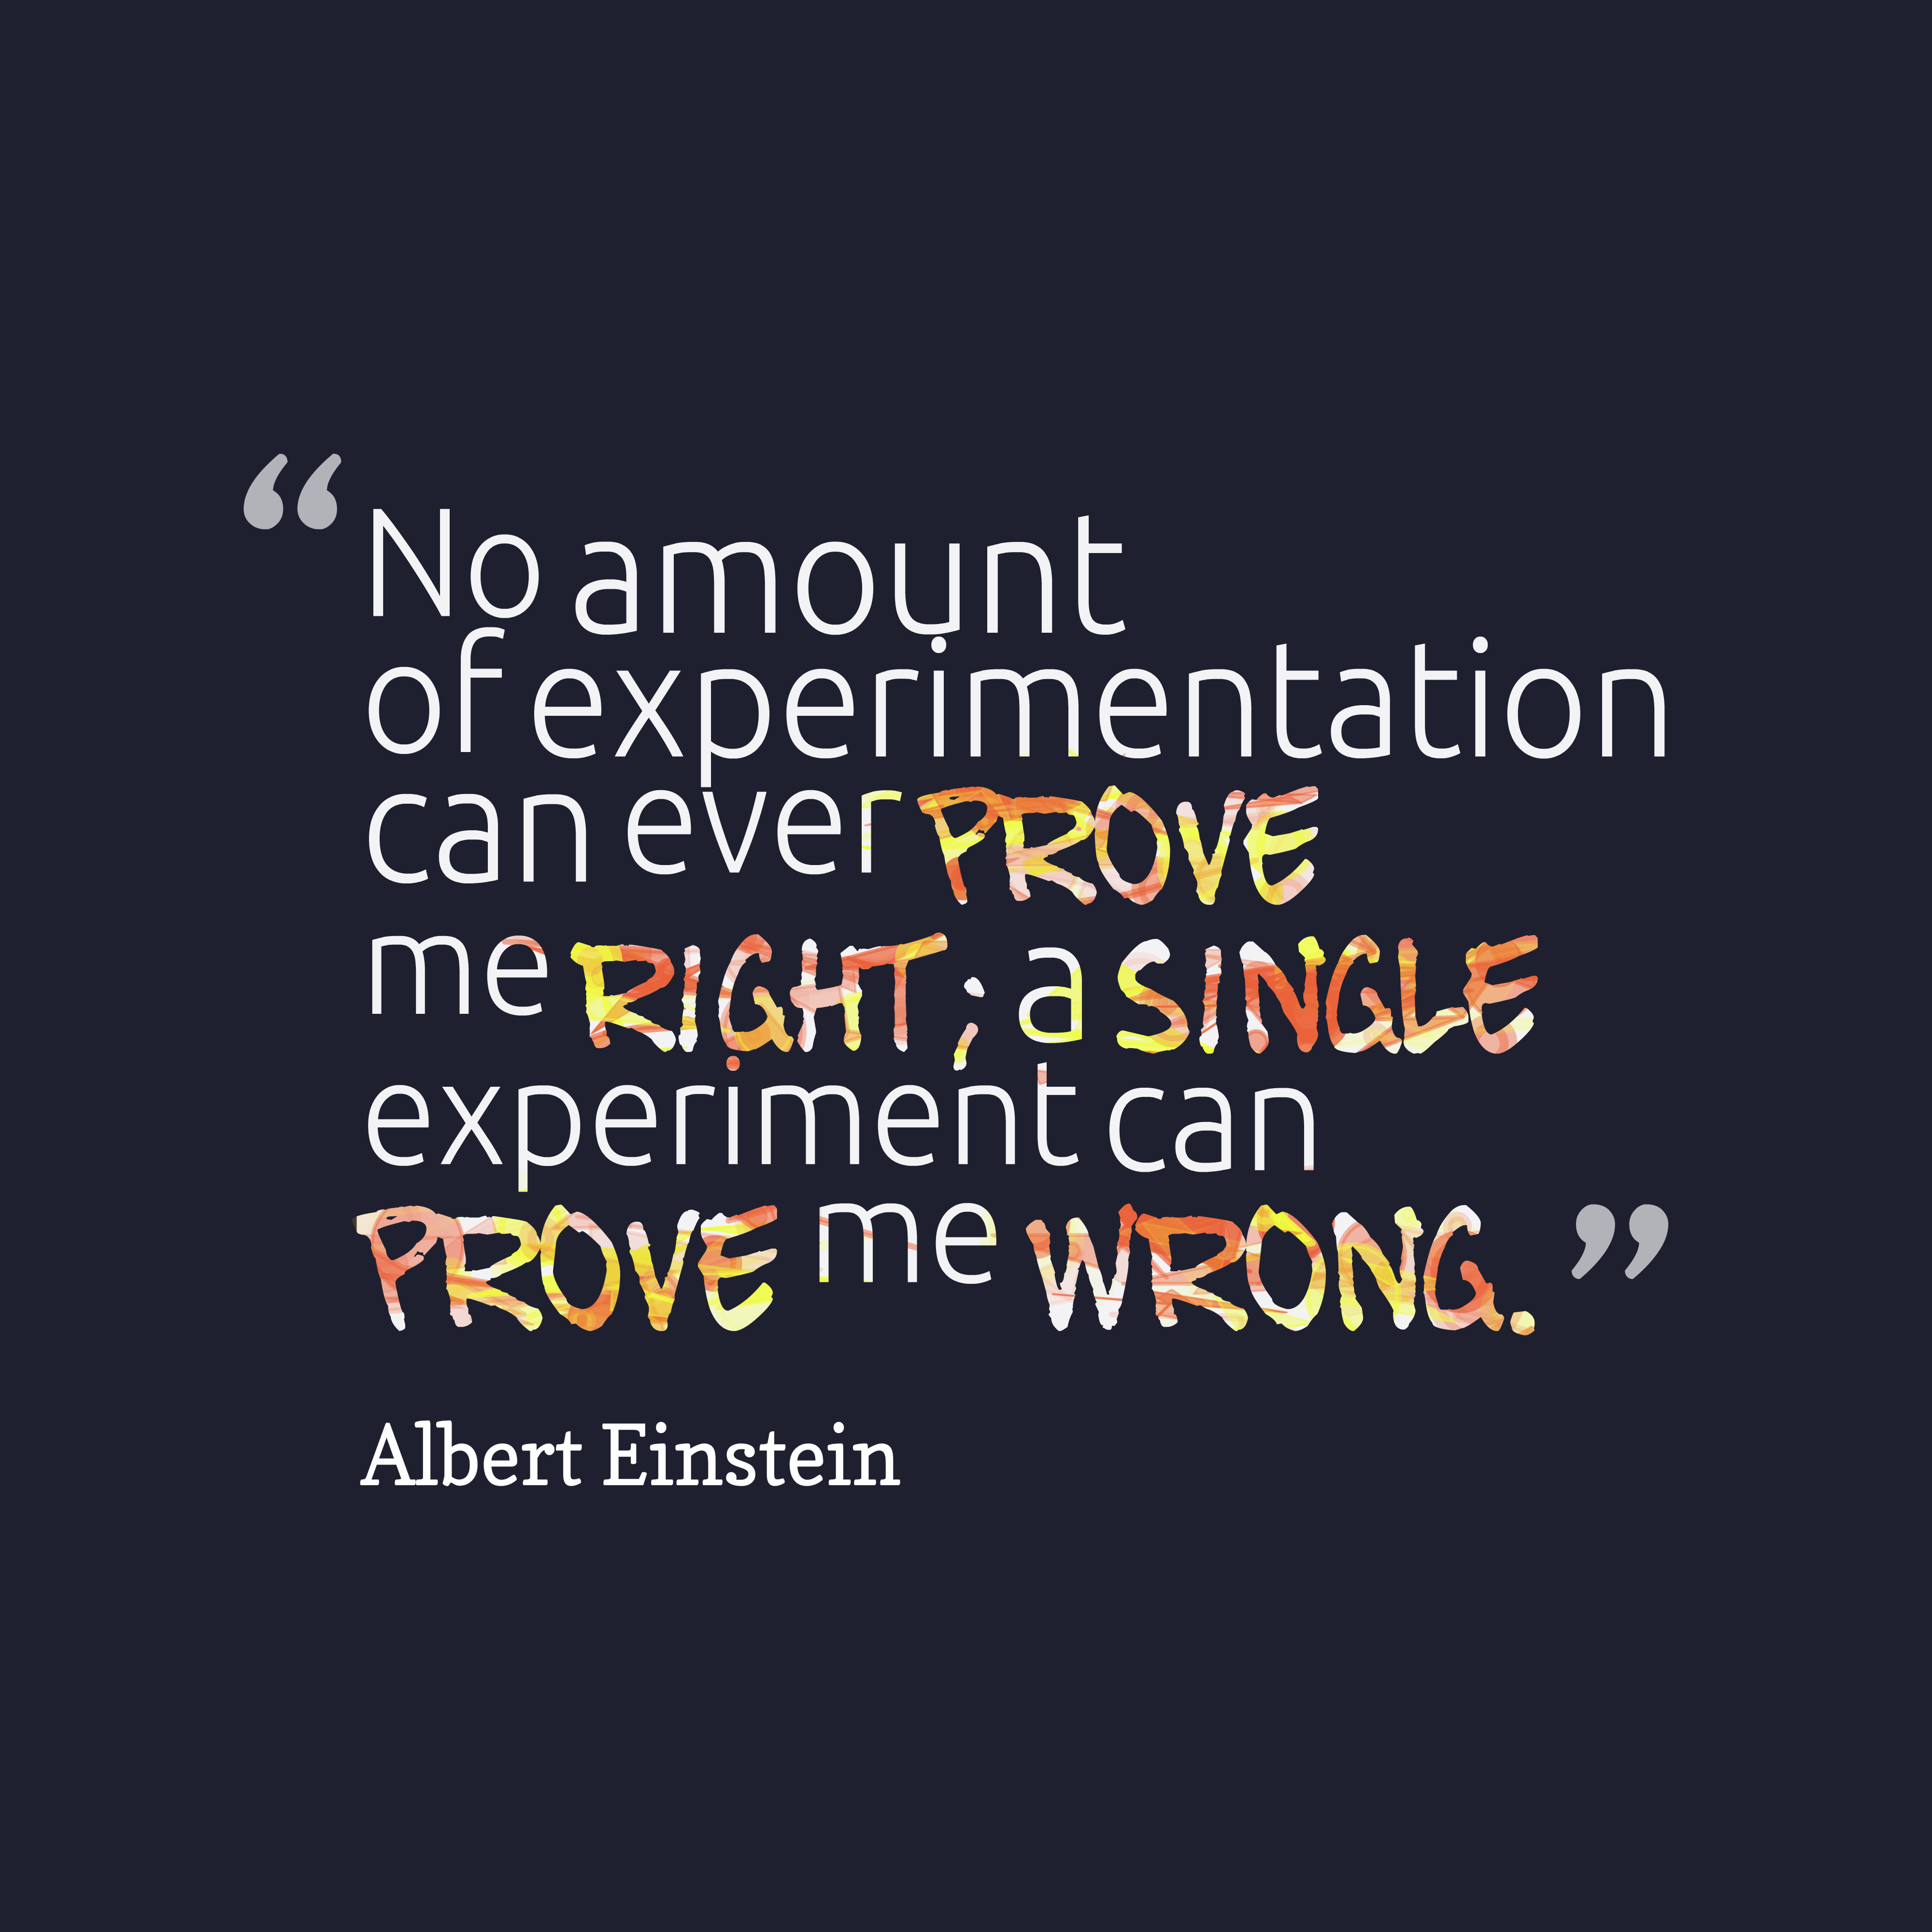 Albert Einstein Quote About Experimentation